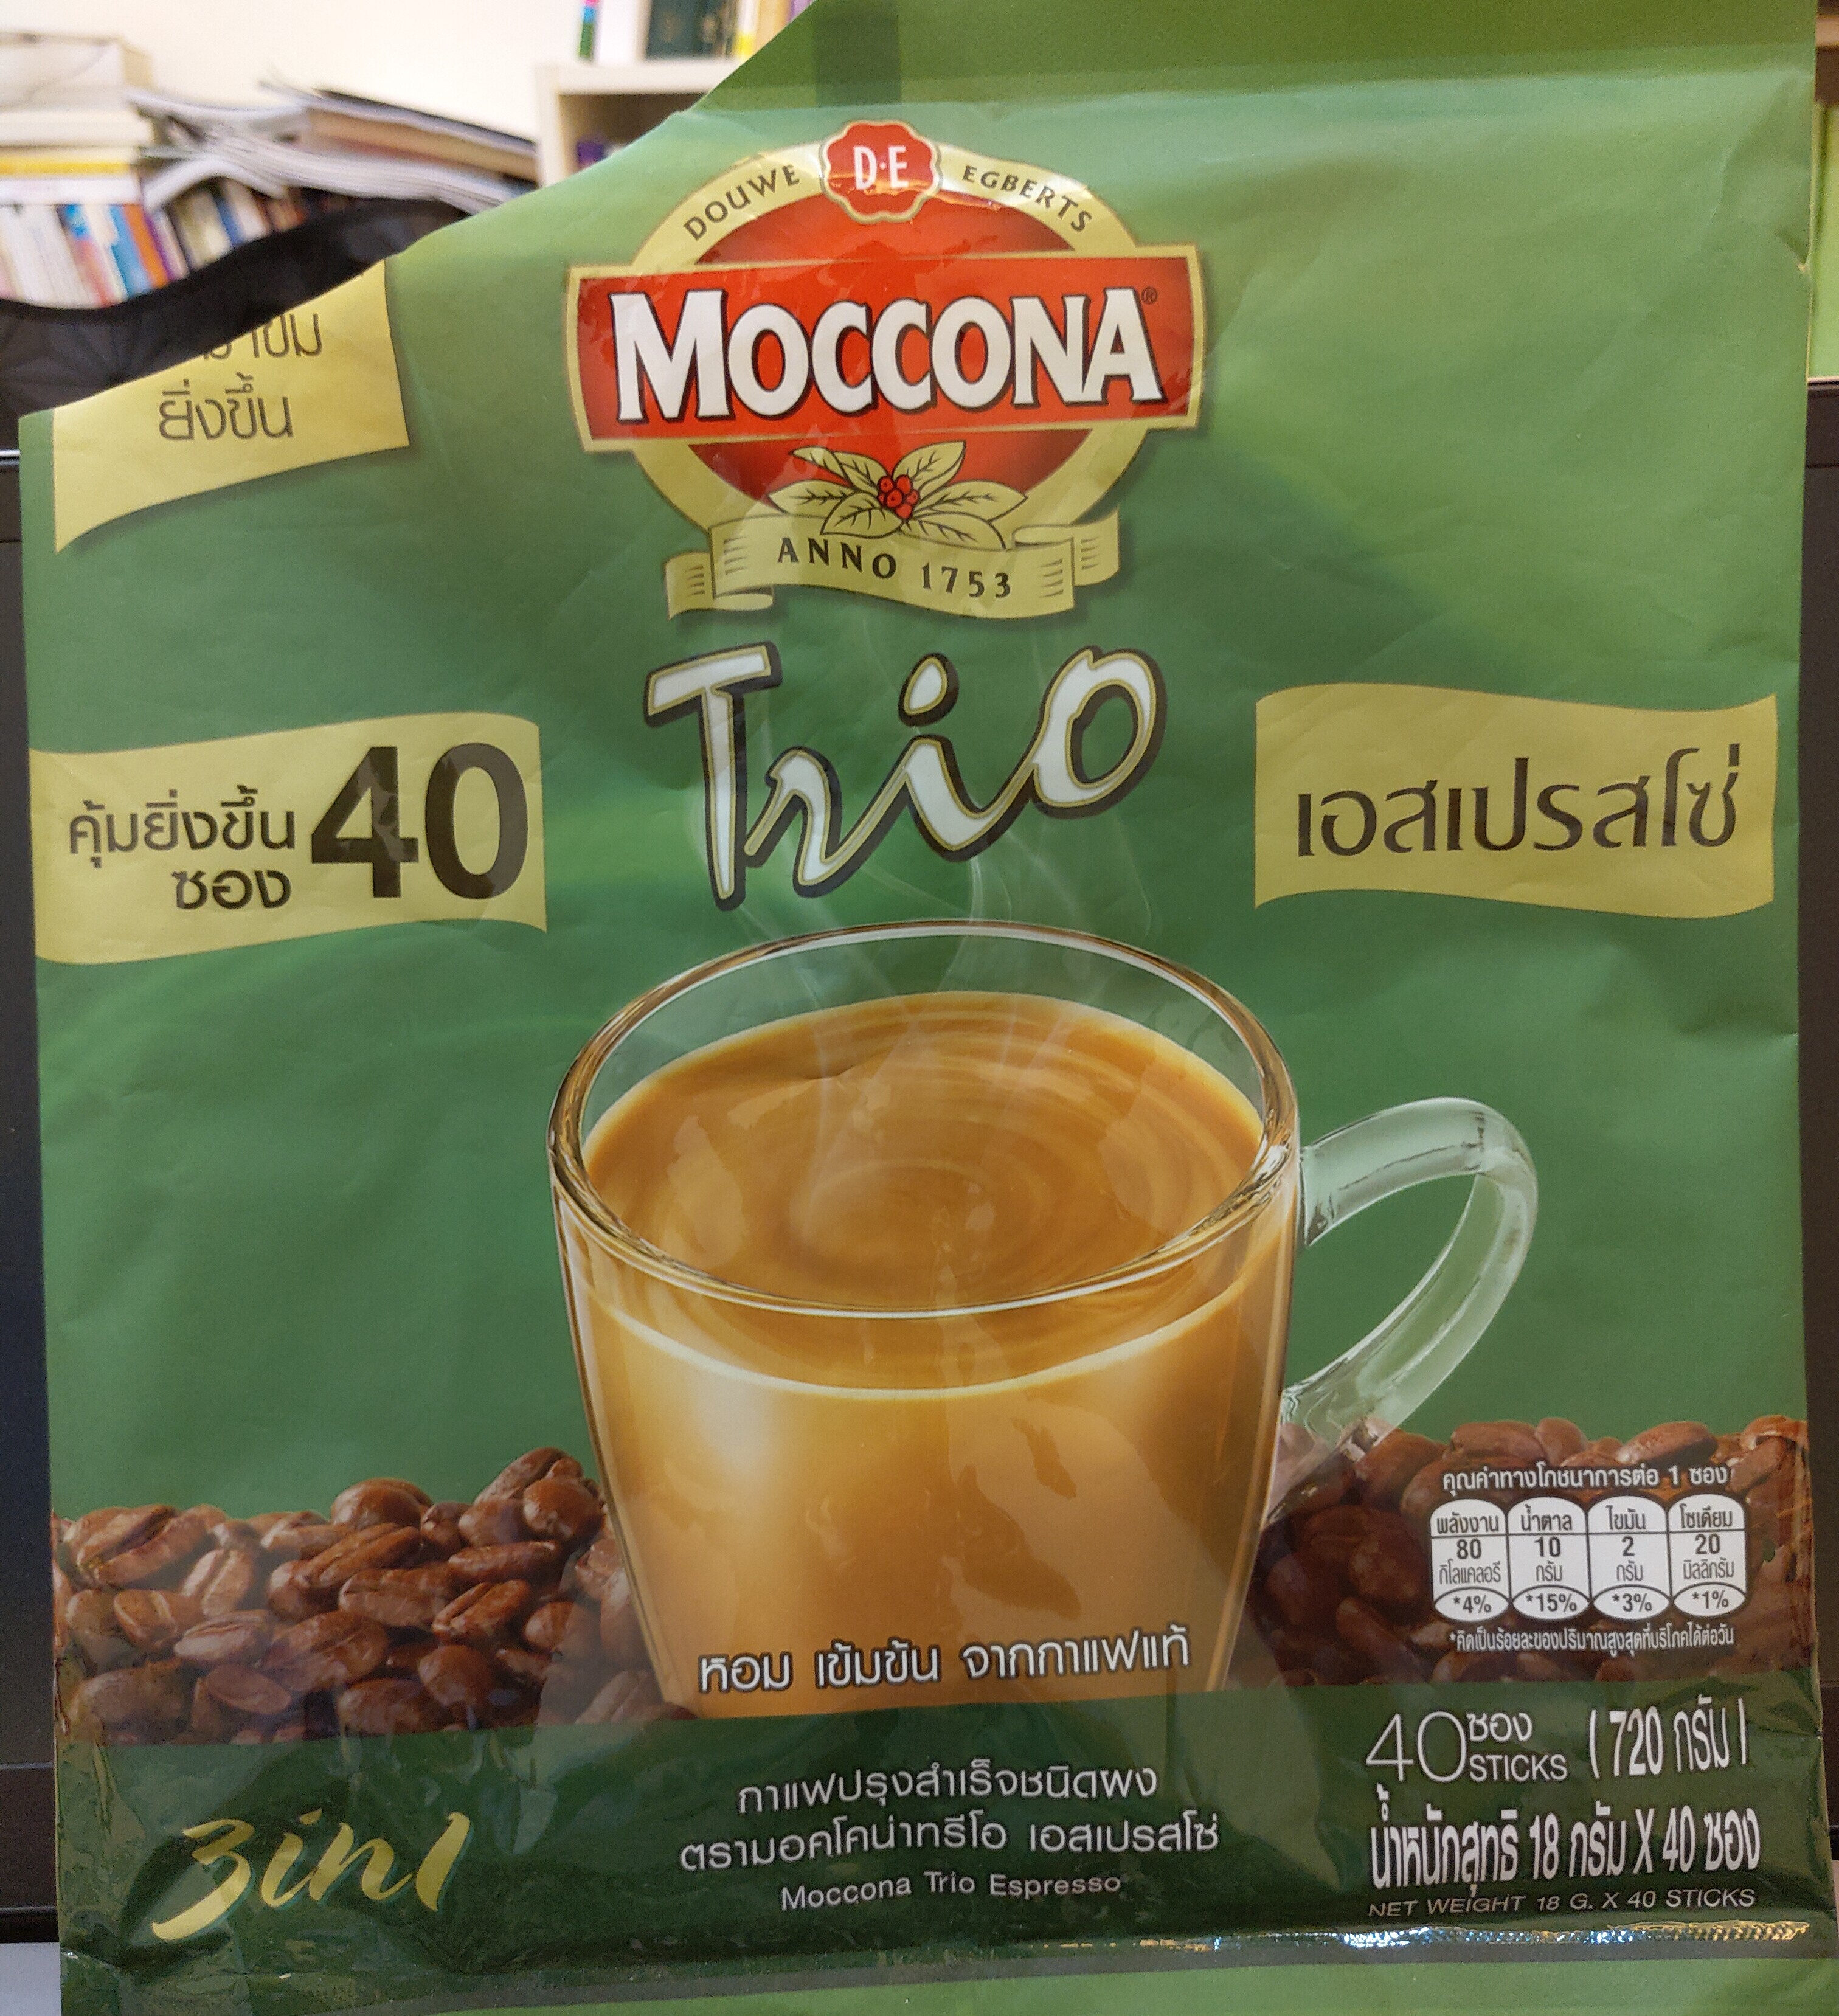 มอคโคล่า ทรีโอ เอสเปรสโซ่ - Product - th